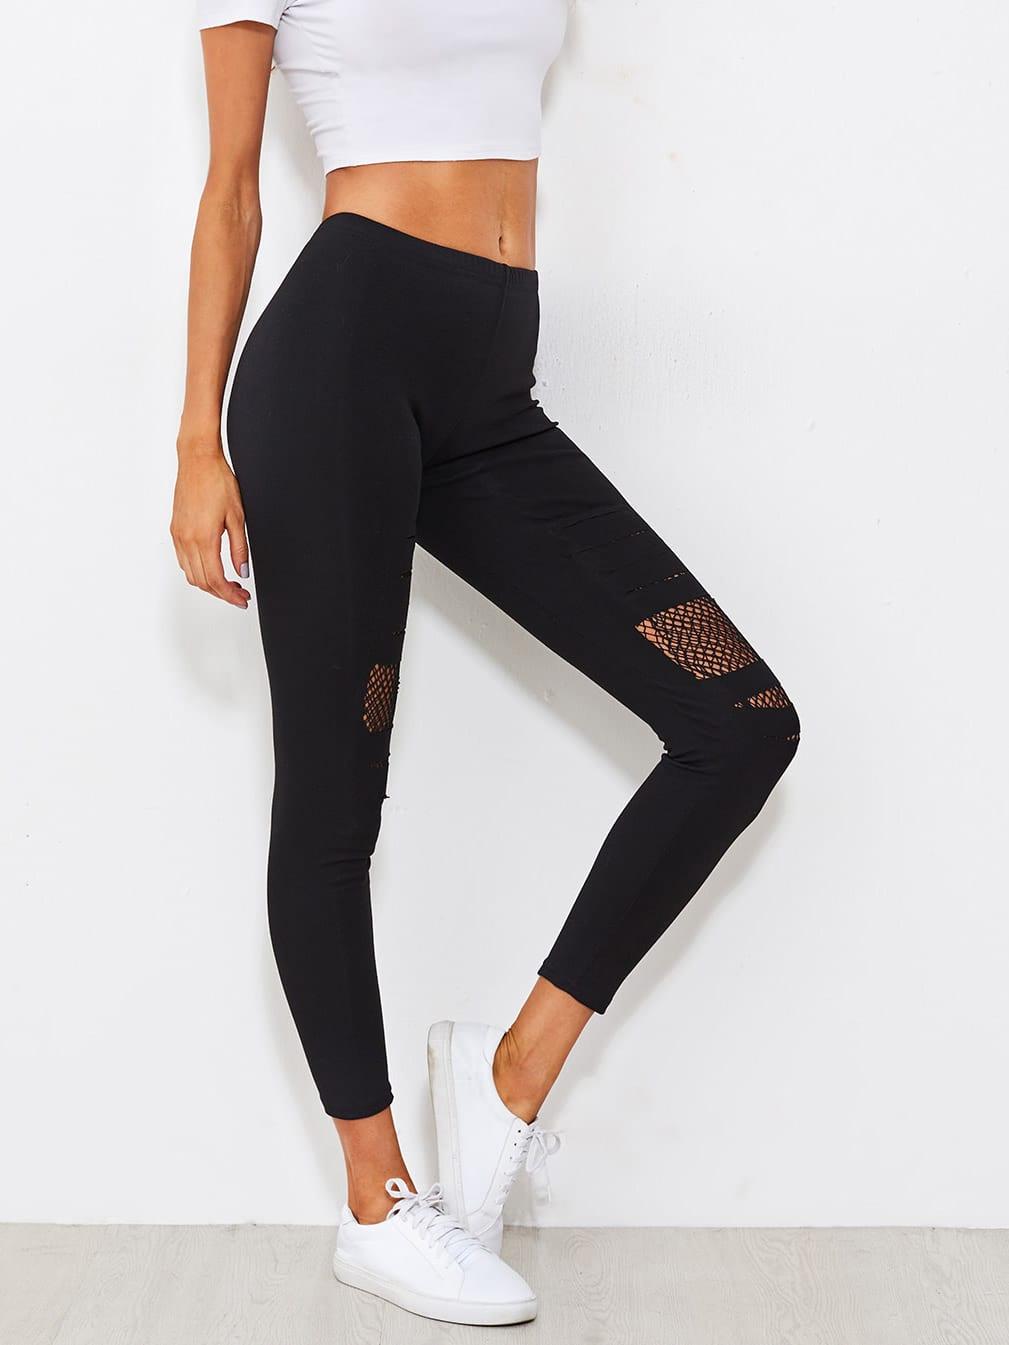 Fishnet Insert Ripped Leggings black slim ripped leggings